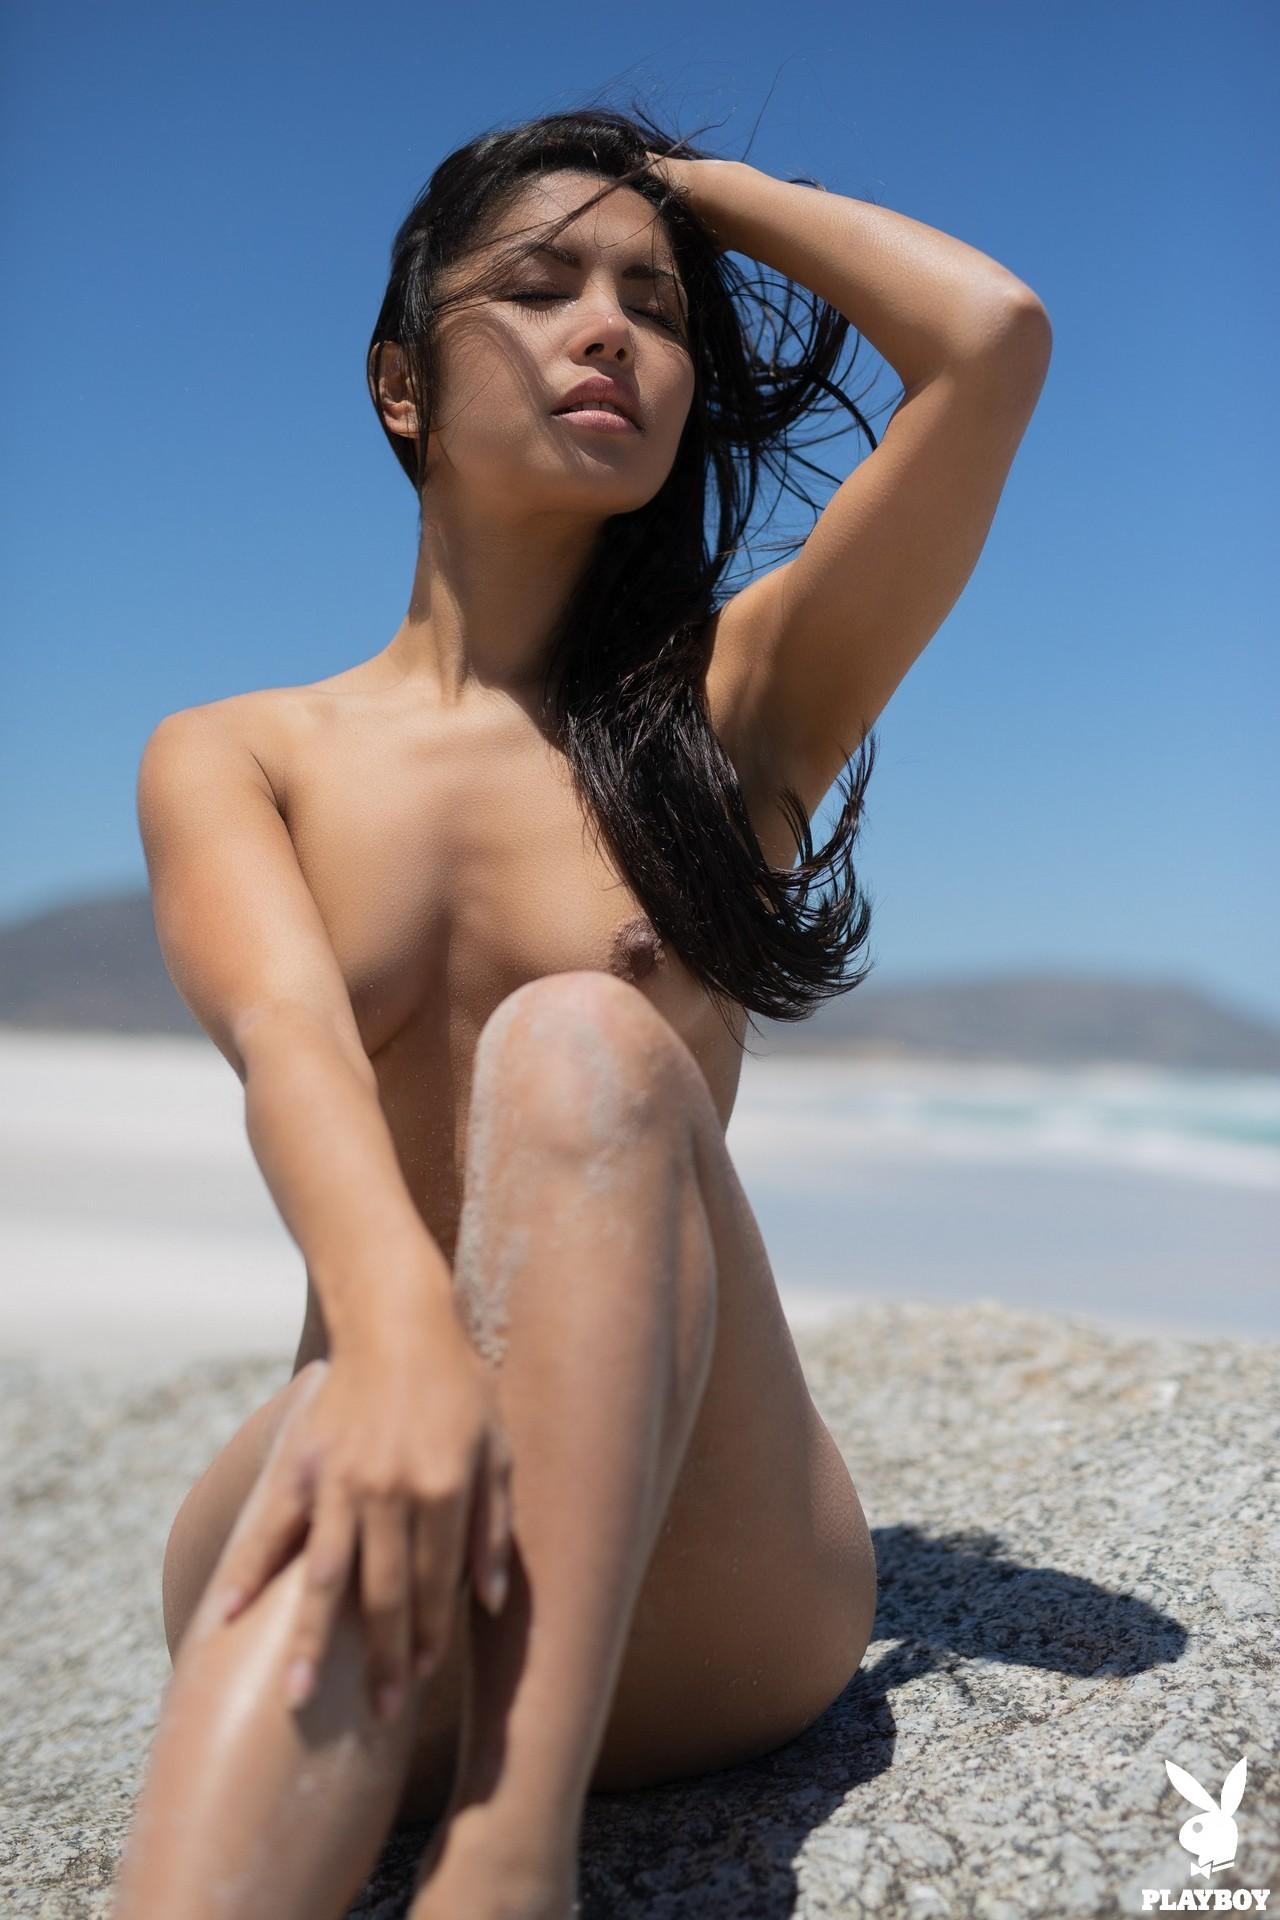 Chloe Rose in Windswept - Playboy Plus 20